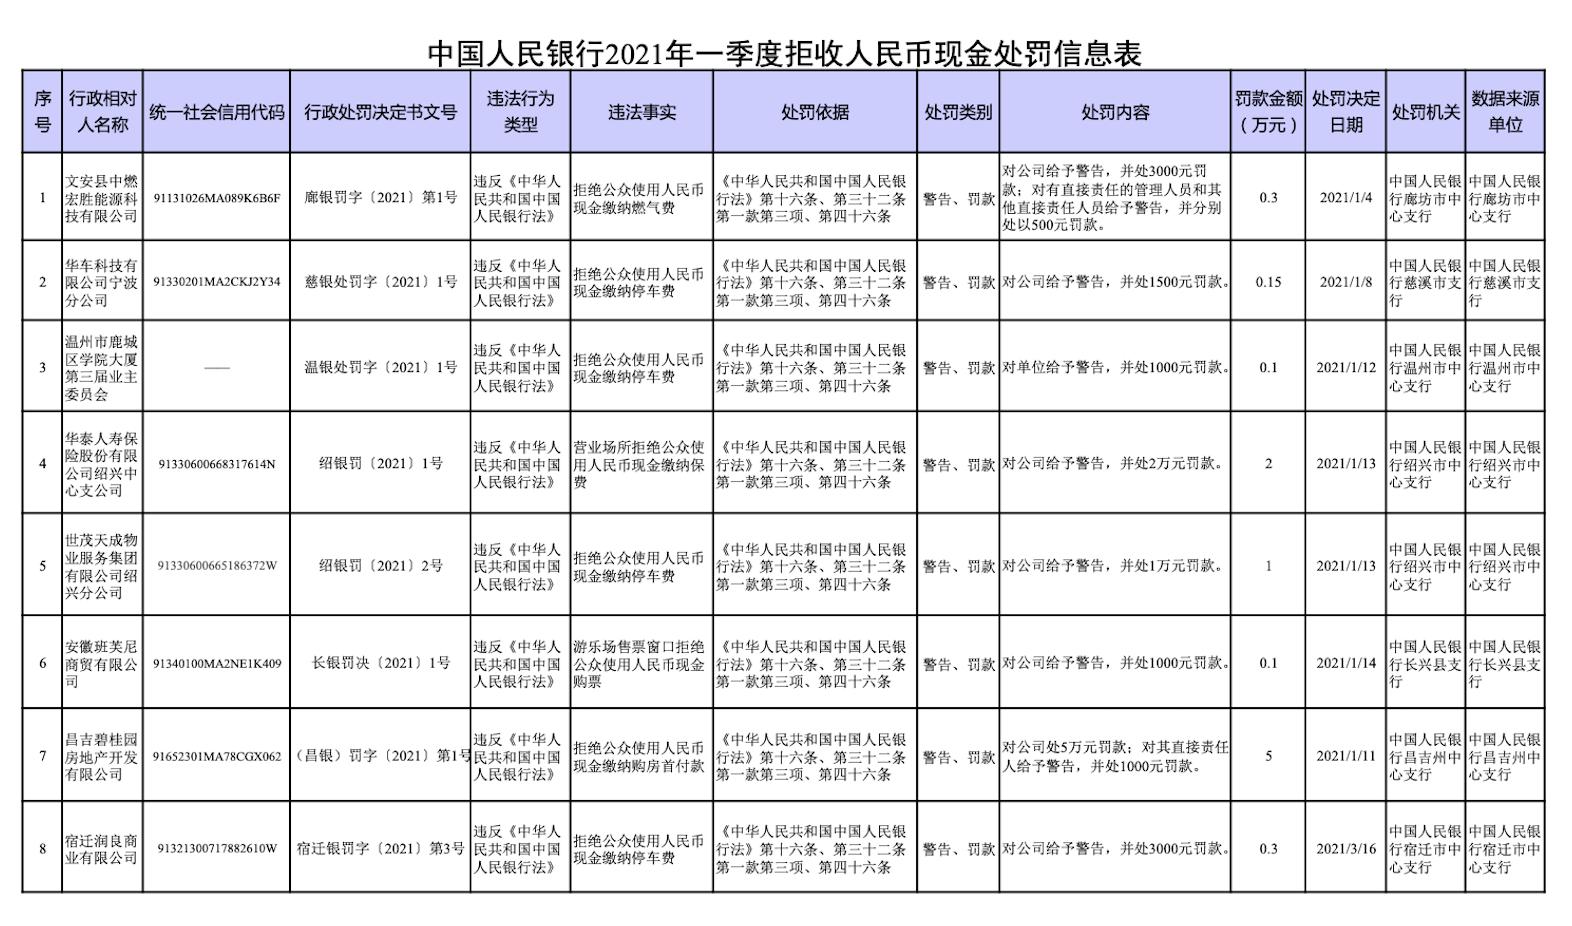 傲世皇朝平台央行公布一季度拒收人民币现金处罚情况 华泰人寿、世贸天成等8单位被曝光